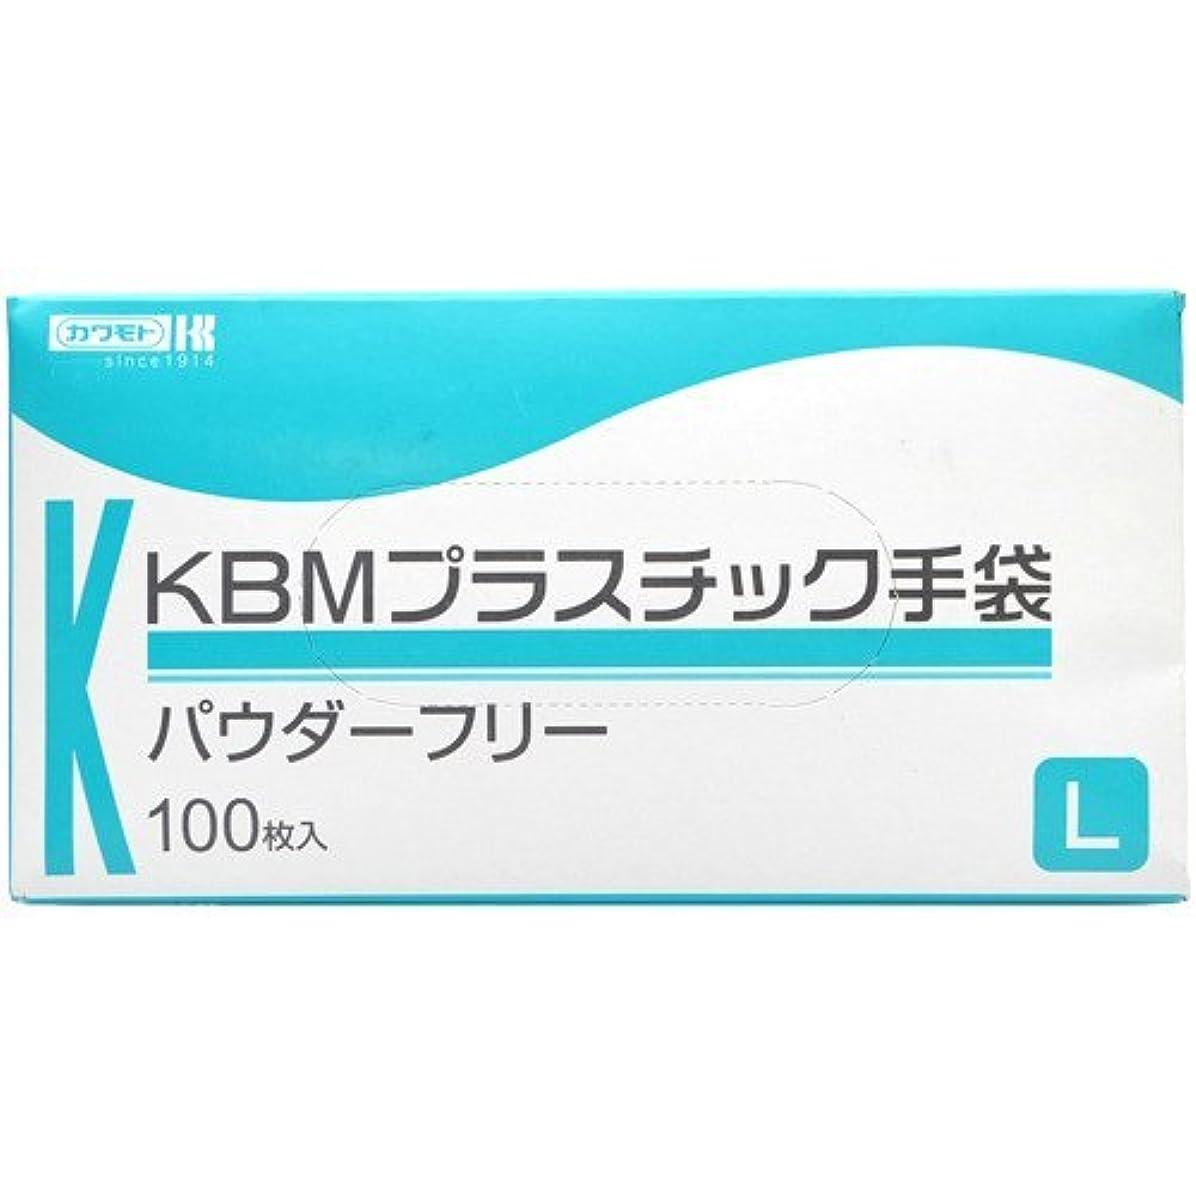 ダイヤモンド視線免疫する川本産業 KBMプラスチック手袋 パウダーフリー L 100枚入